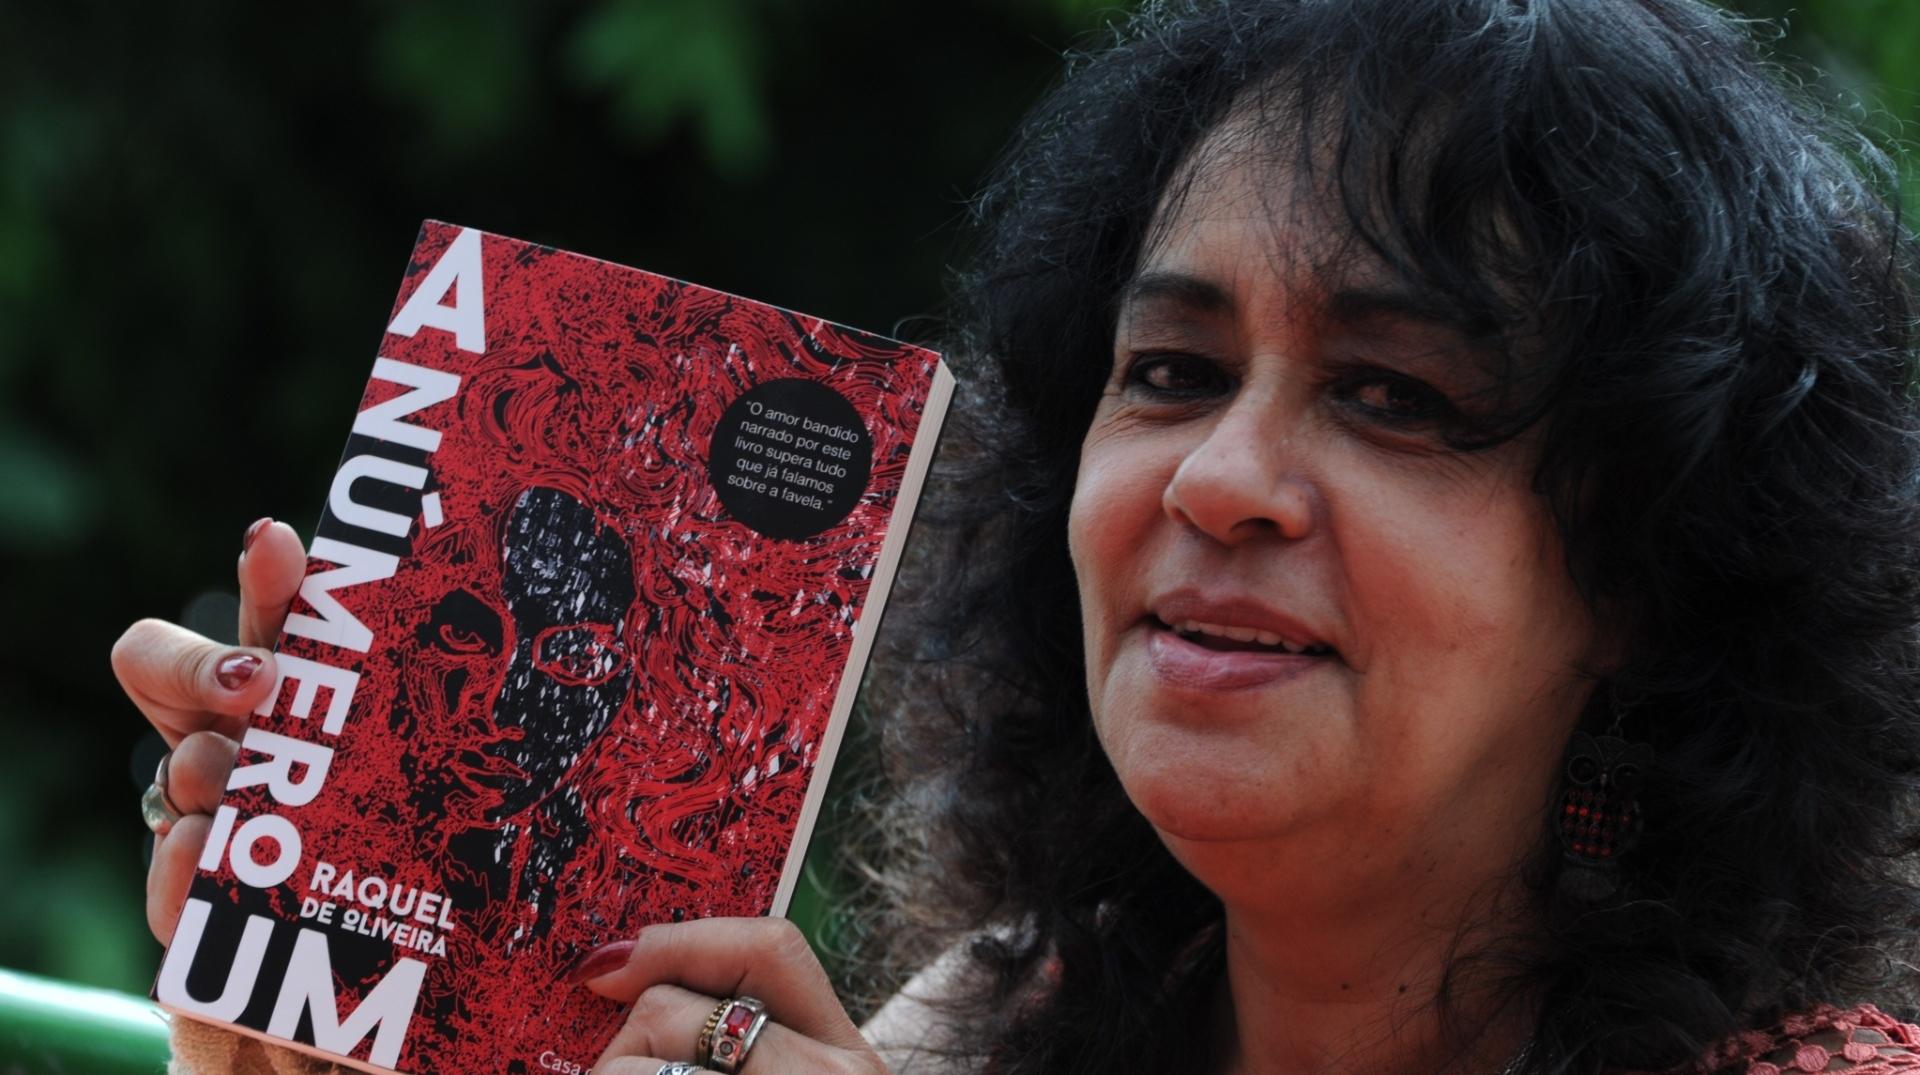 Romance de Raquel de Oliveira narra a vida da mulher que se tornou rainha do tráfico na Rocinha